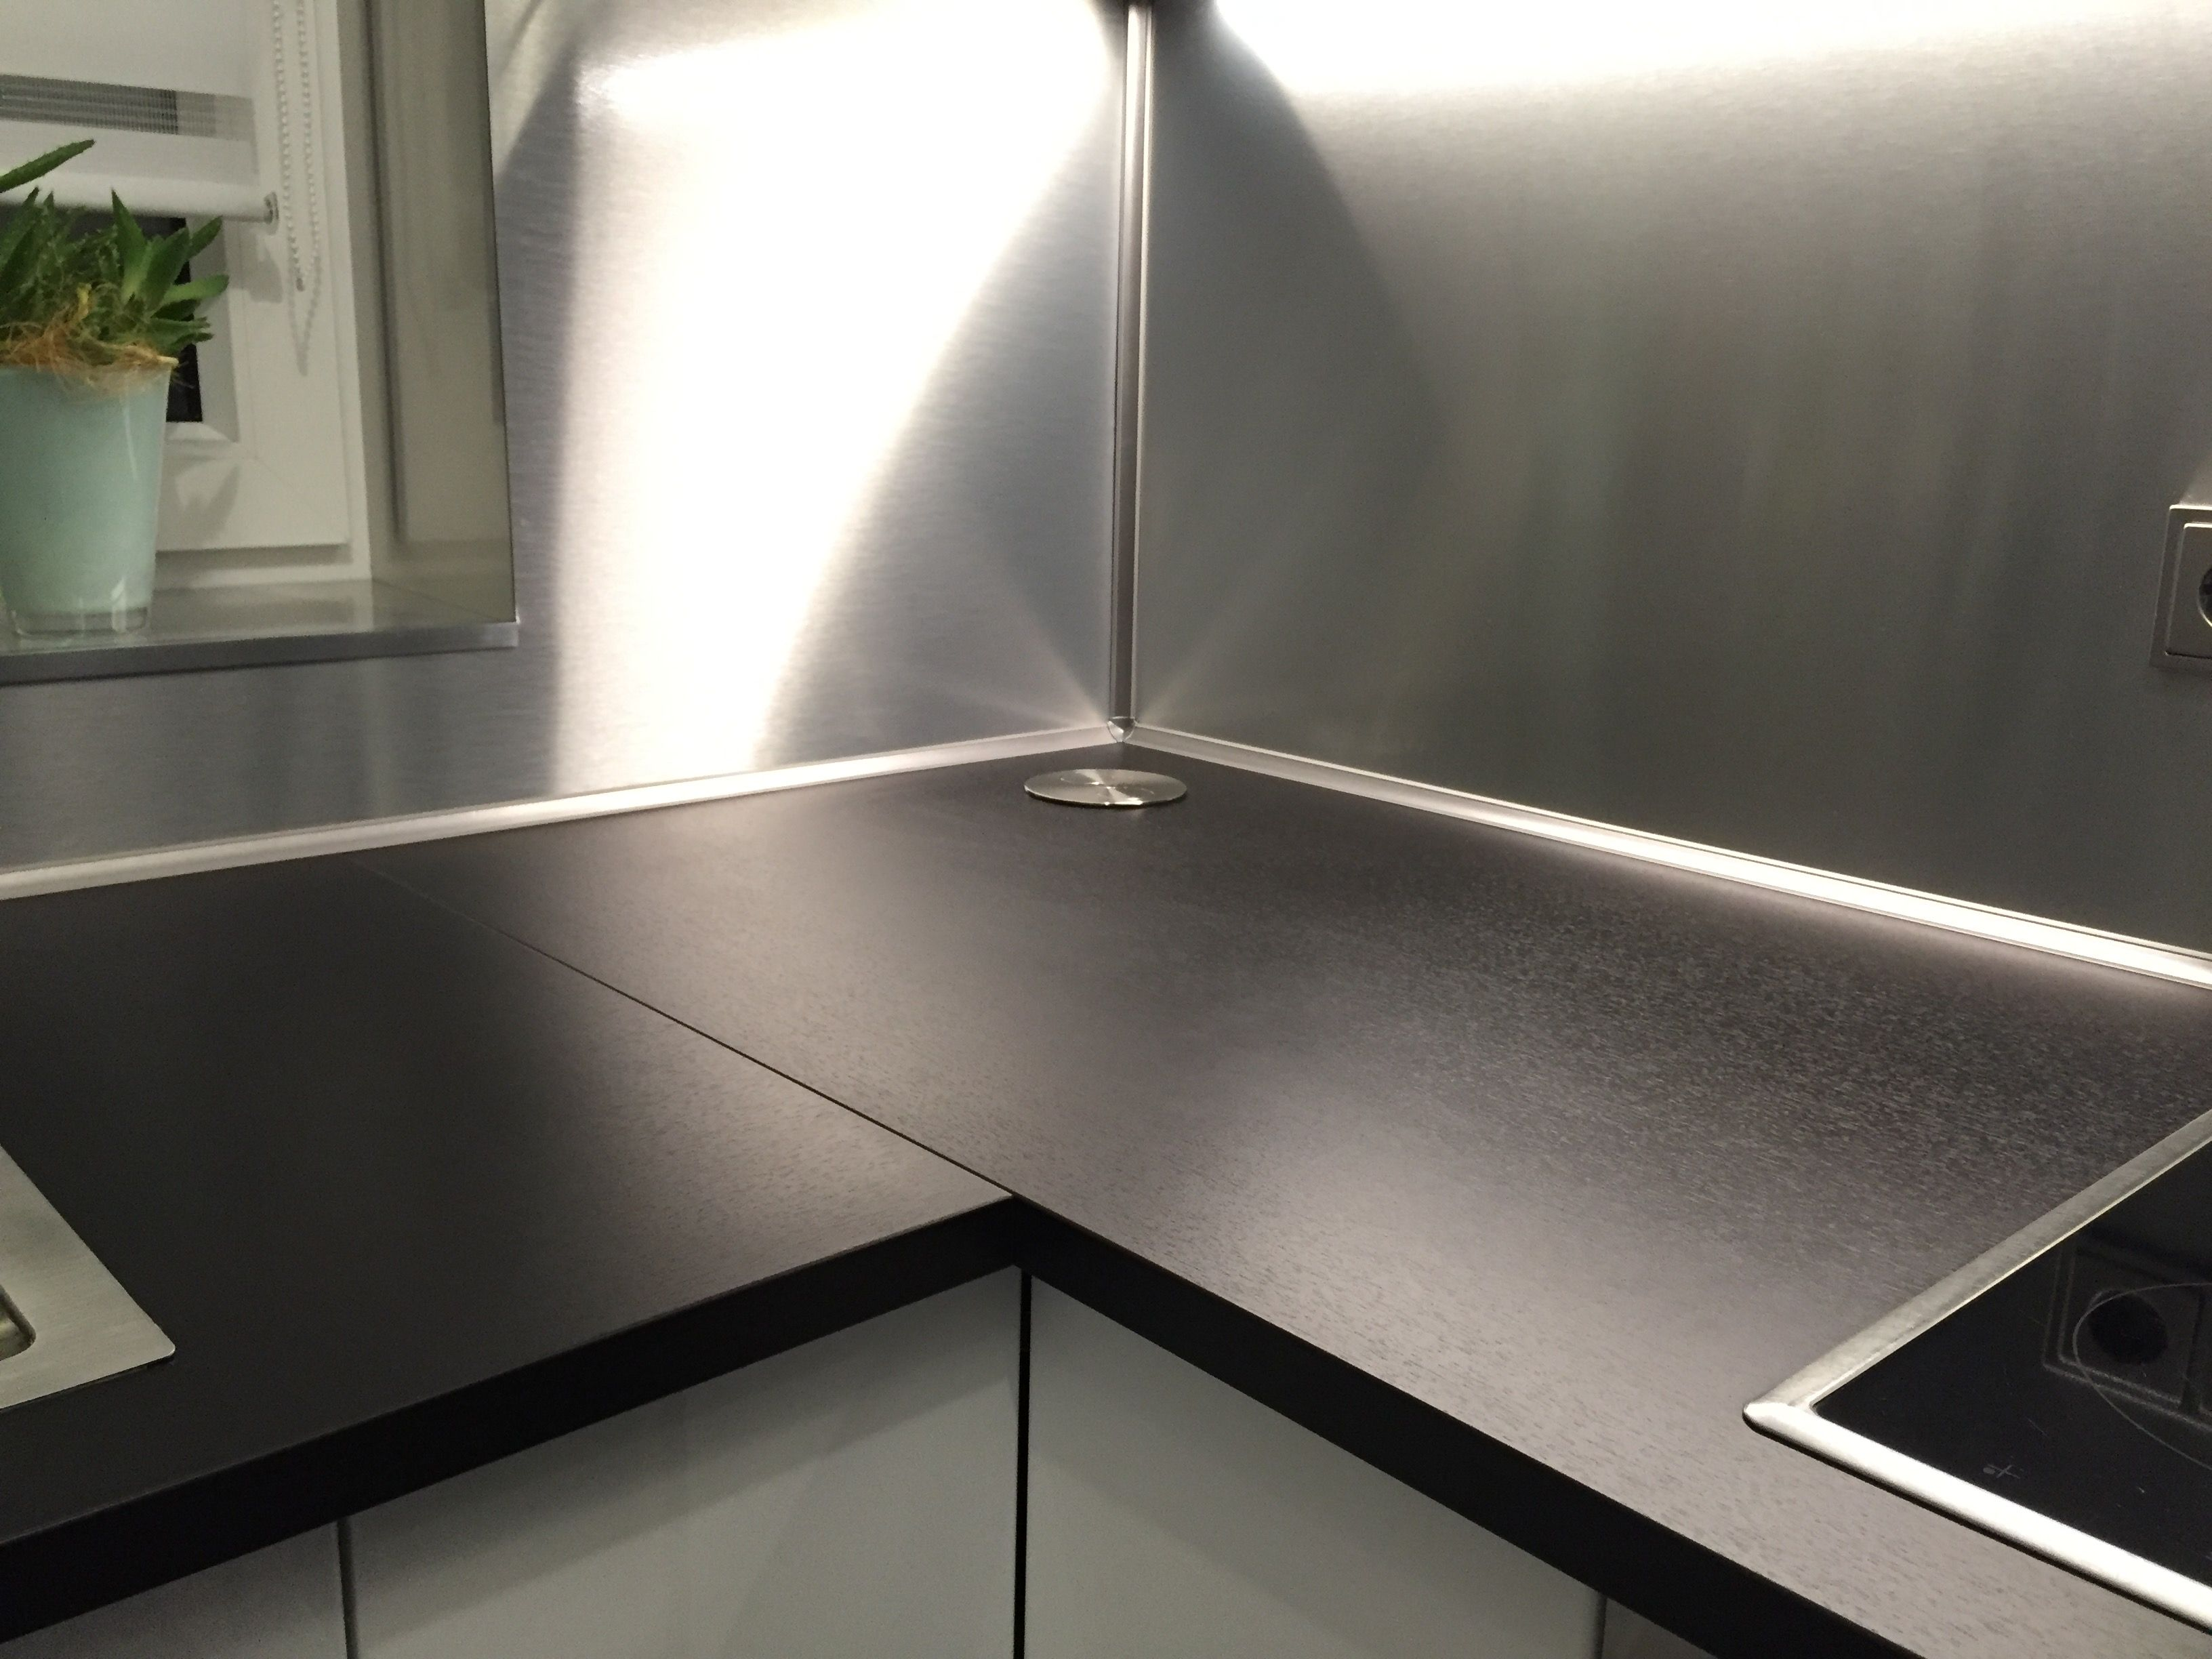 Alu Dibond® Küchenrückwand individuell von uns für den Kunden ...